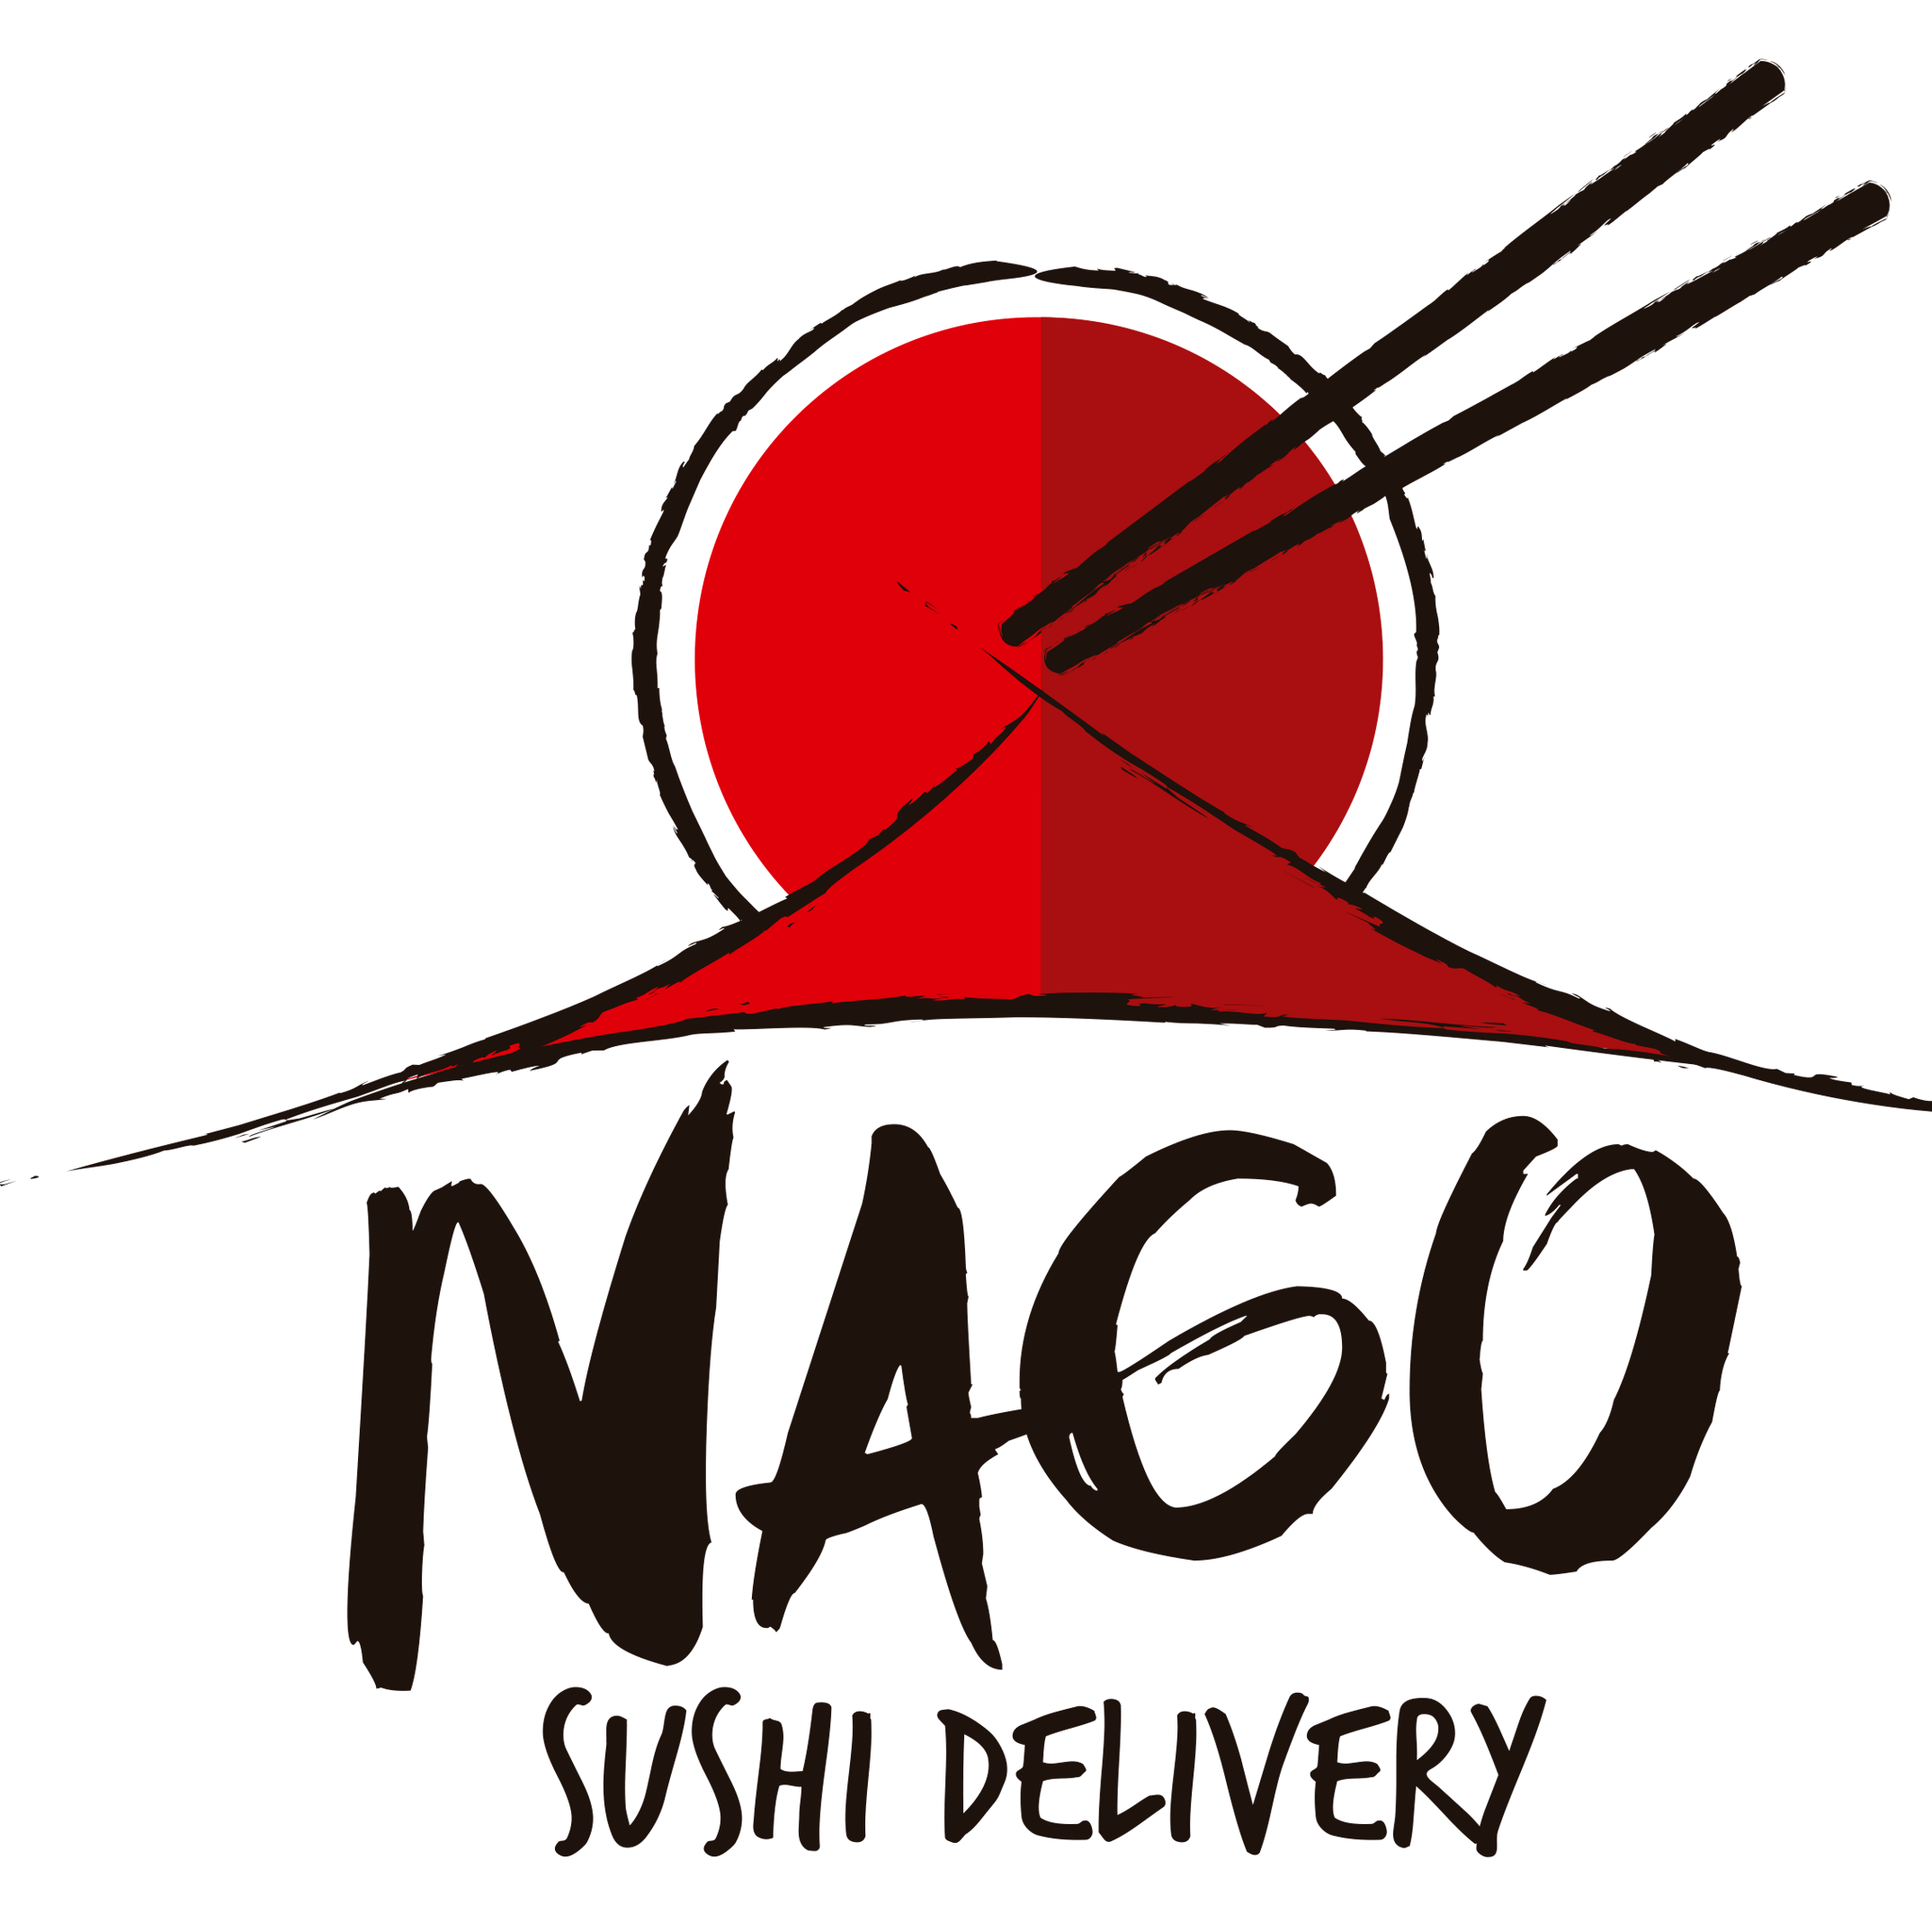 Nago Sushi